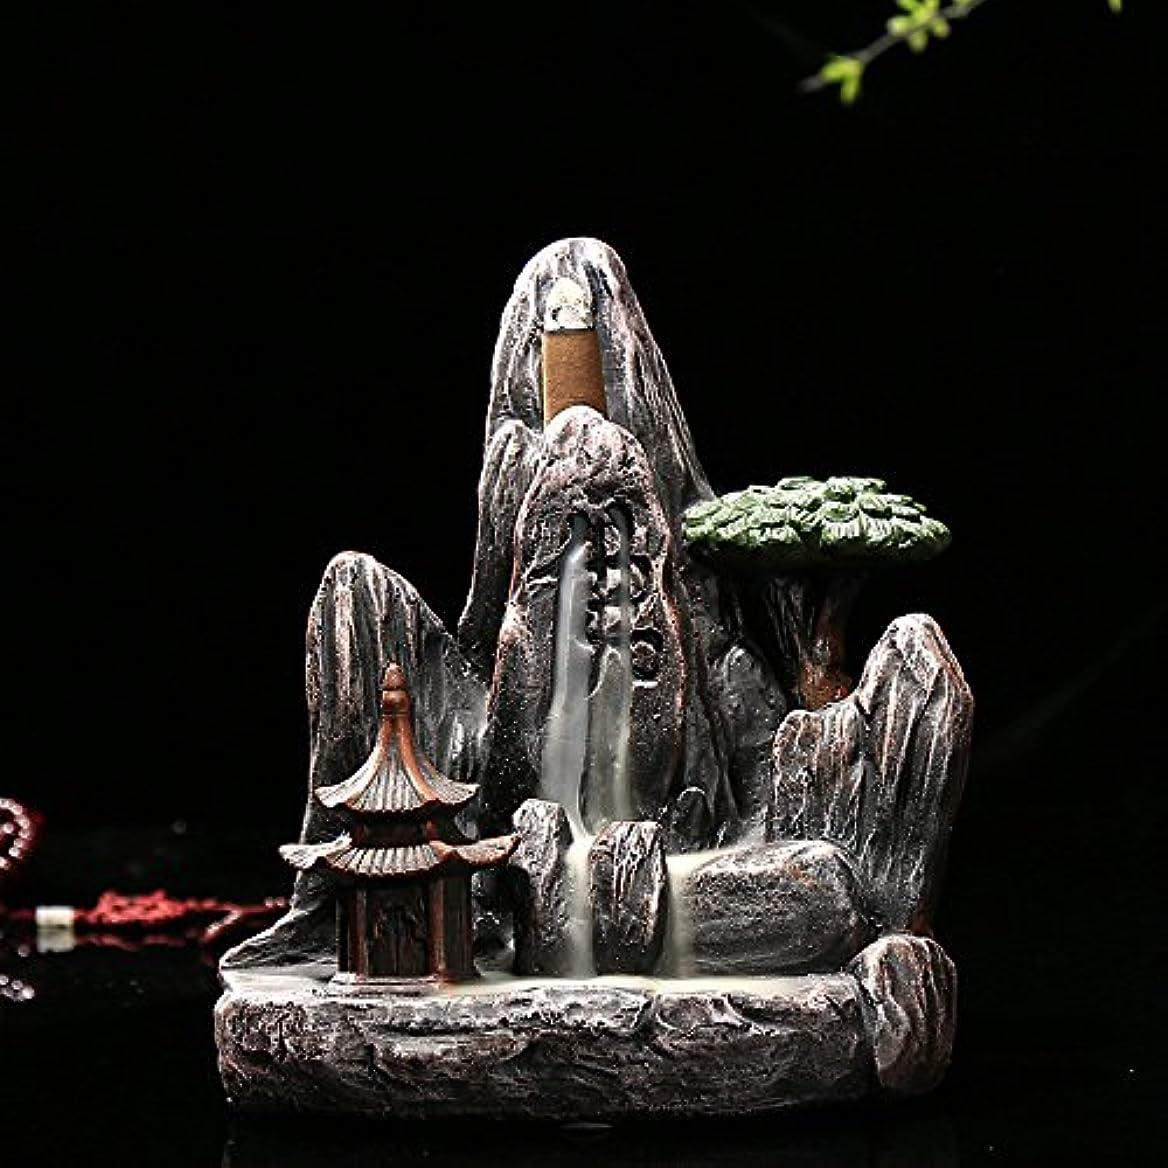 連鎖懲らしめ敵意omonic Zen Garden Mountain Stream Backflow手作り樹脂Incense Holder Burner、アロマセラピー炉Diffuser forホームインテリア